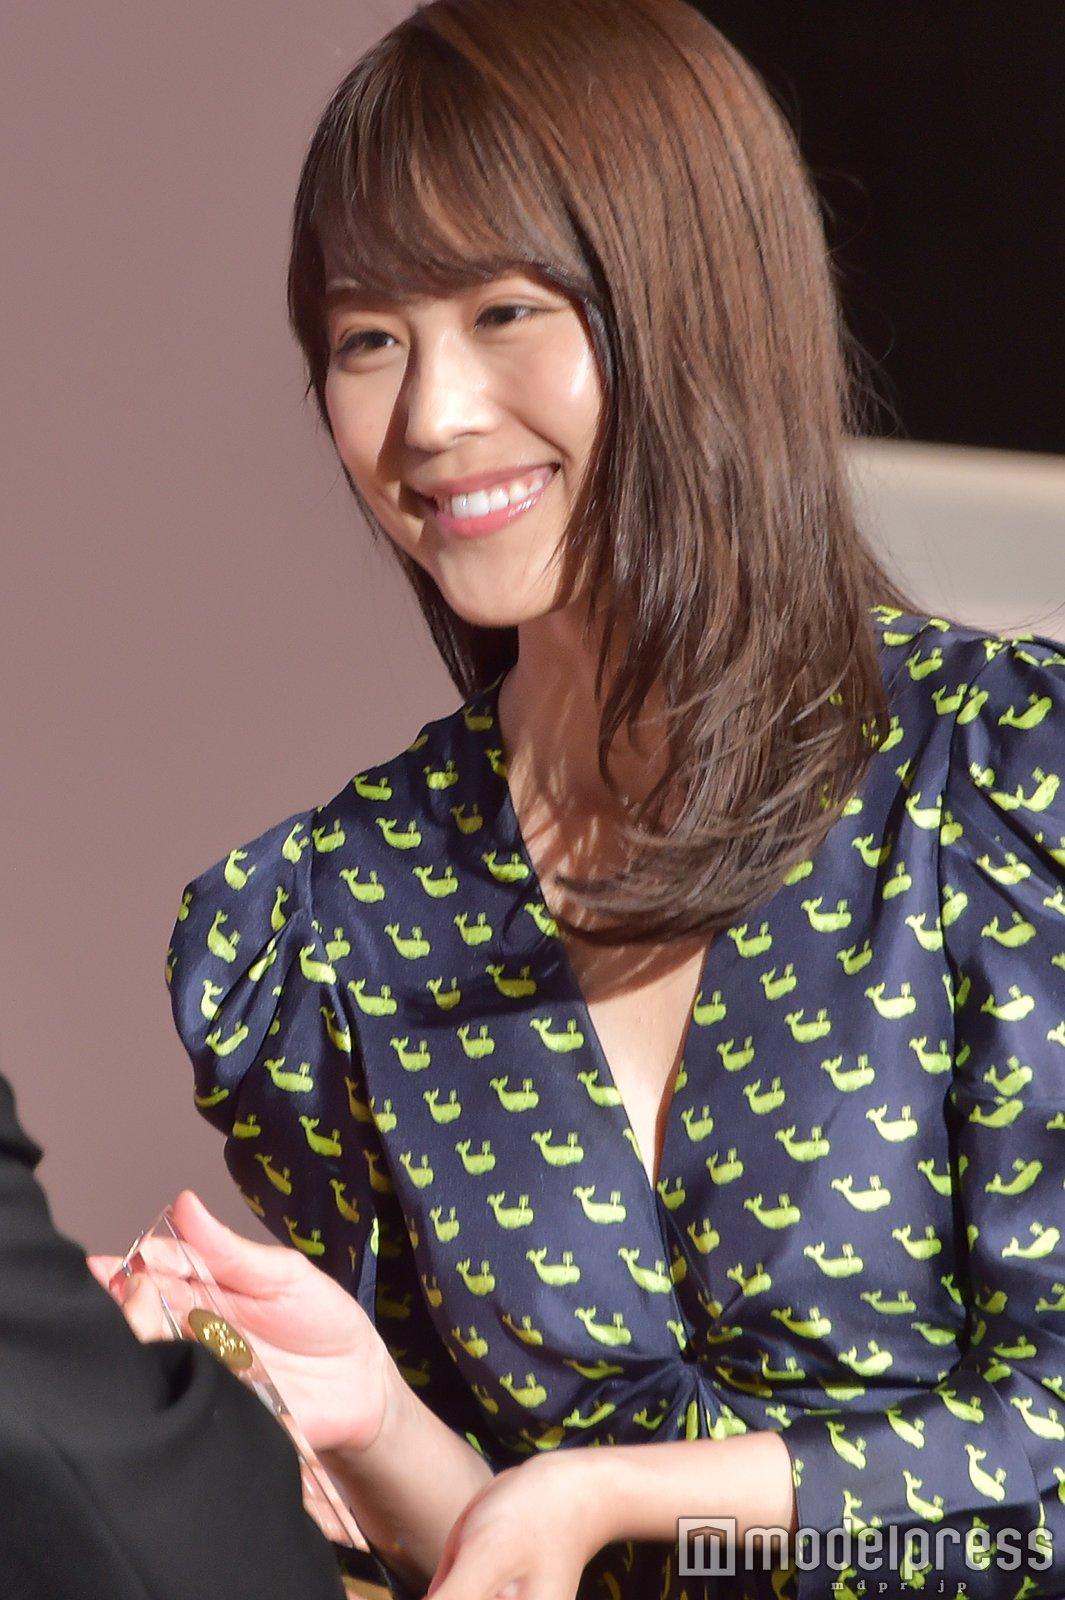 kasumi arimura modelpress